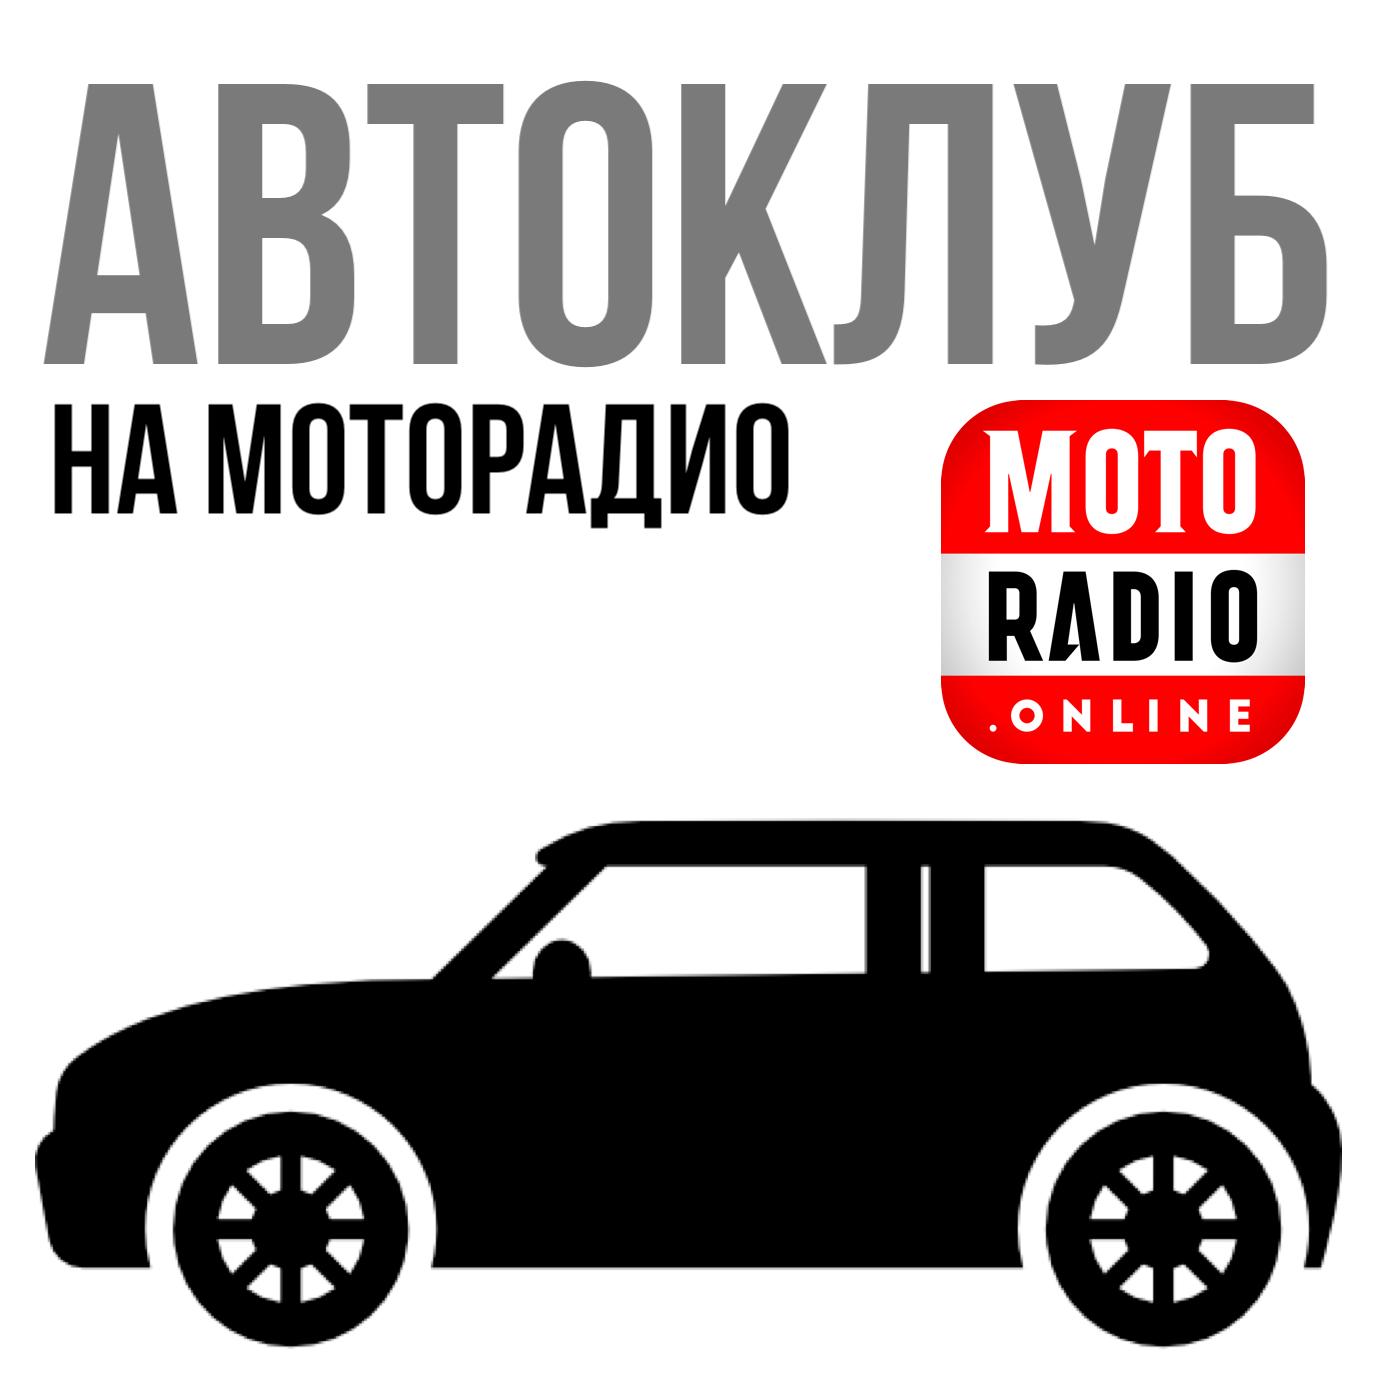 Александр Цыпин Итоги летнего авто-мото сезона от компании ЛАТ. Рассказывает PR-директор ЛАТа, Мария Парамонова.